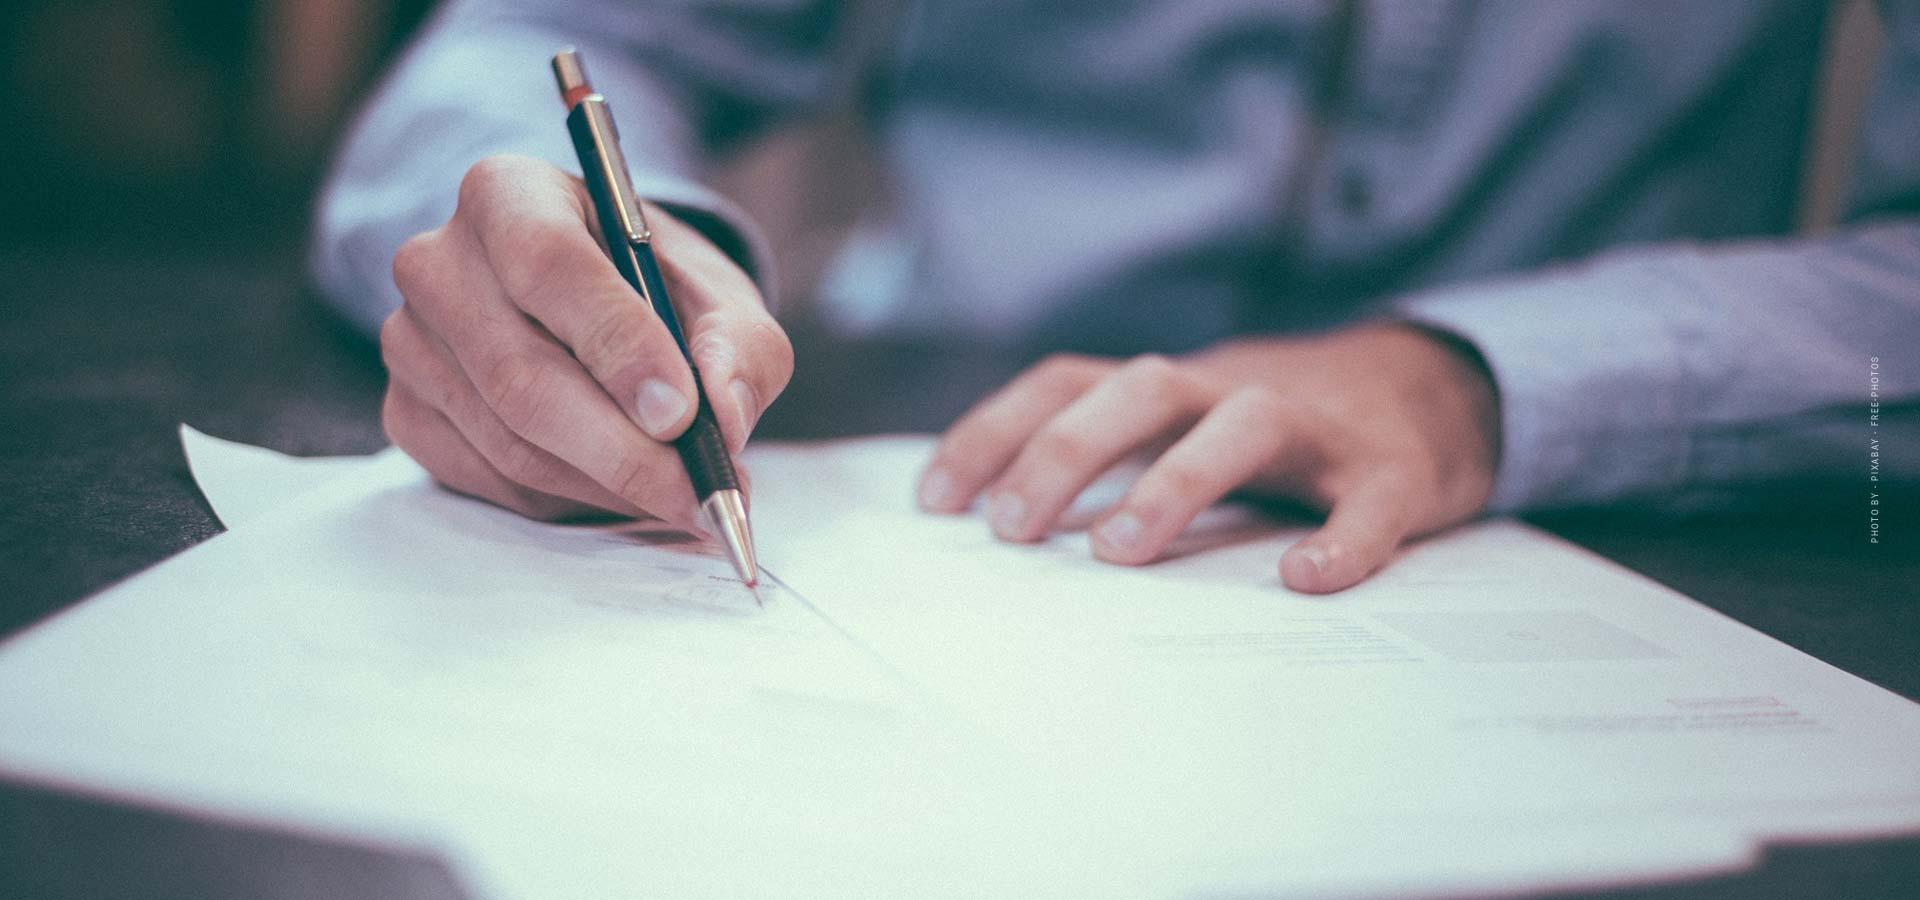 Dienstbarkeit - Definition, drei Arten & auf Englisch